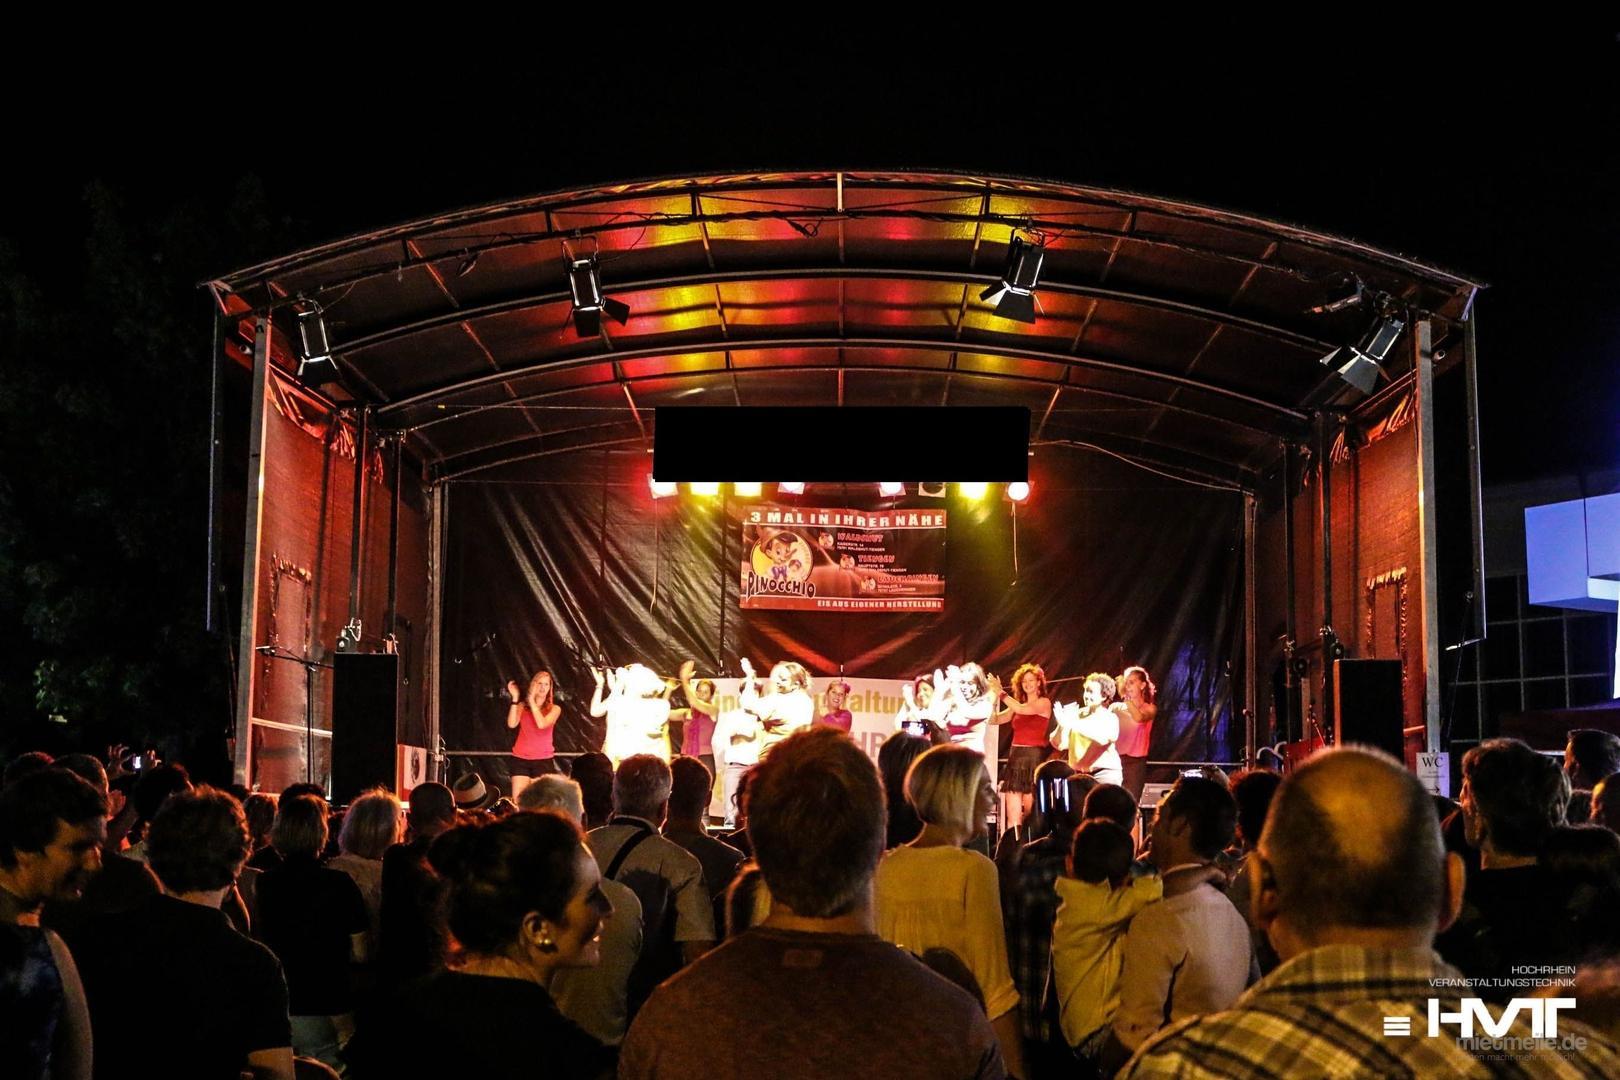 Bühne mieten & vermieten - Mobile Rundbogenbühne FreeSTAGE Medium ARC - Rundb in Waldshut-Tiengen